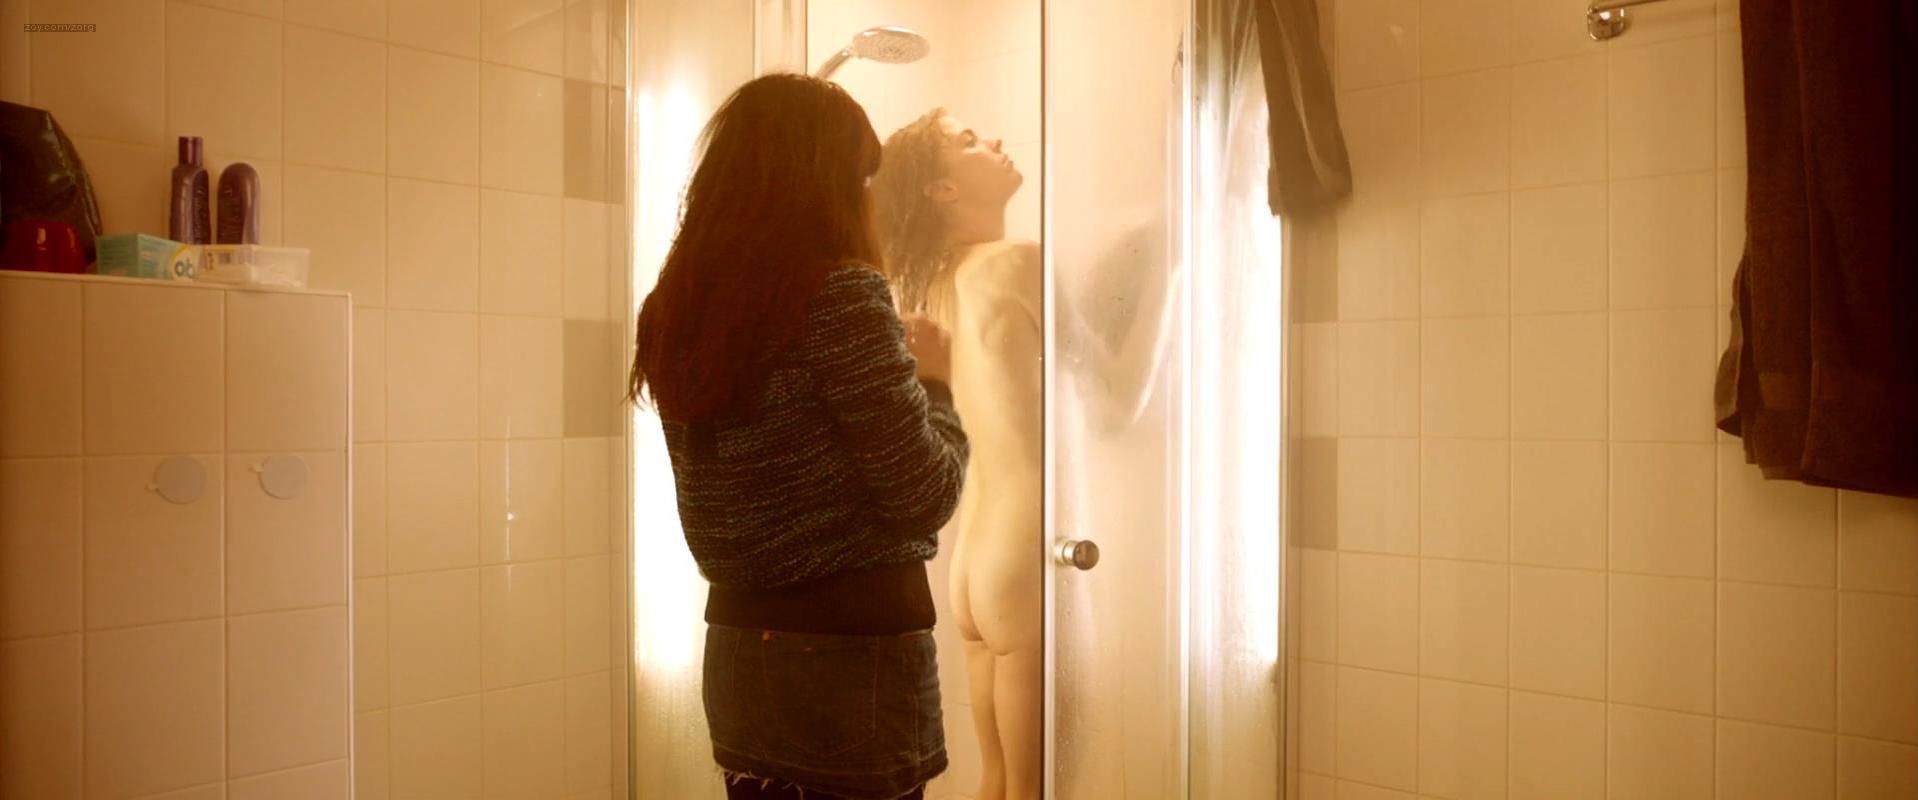 Hannah Hoekstra nude - App (2013)